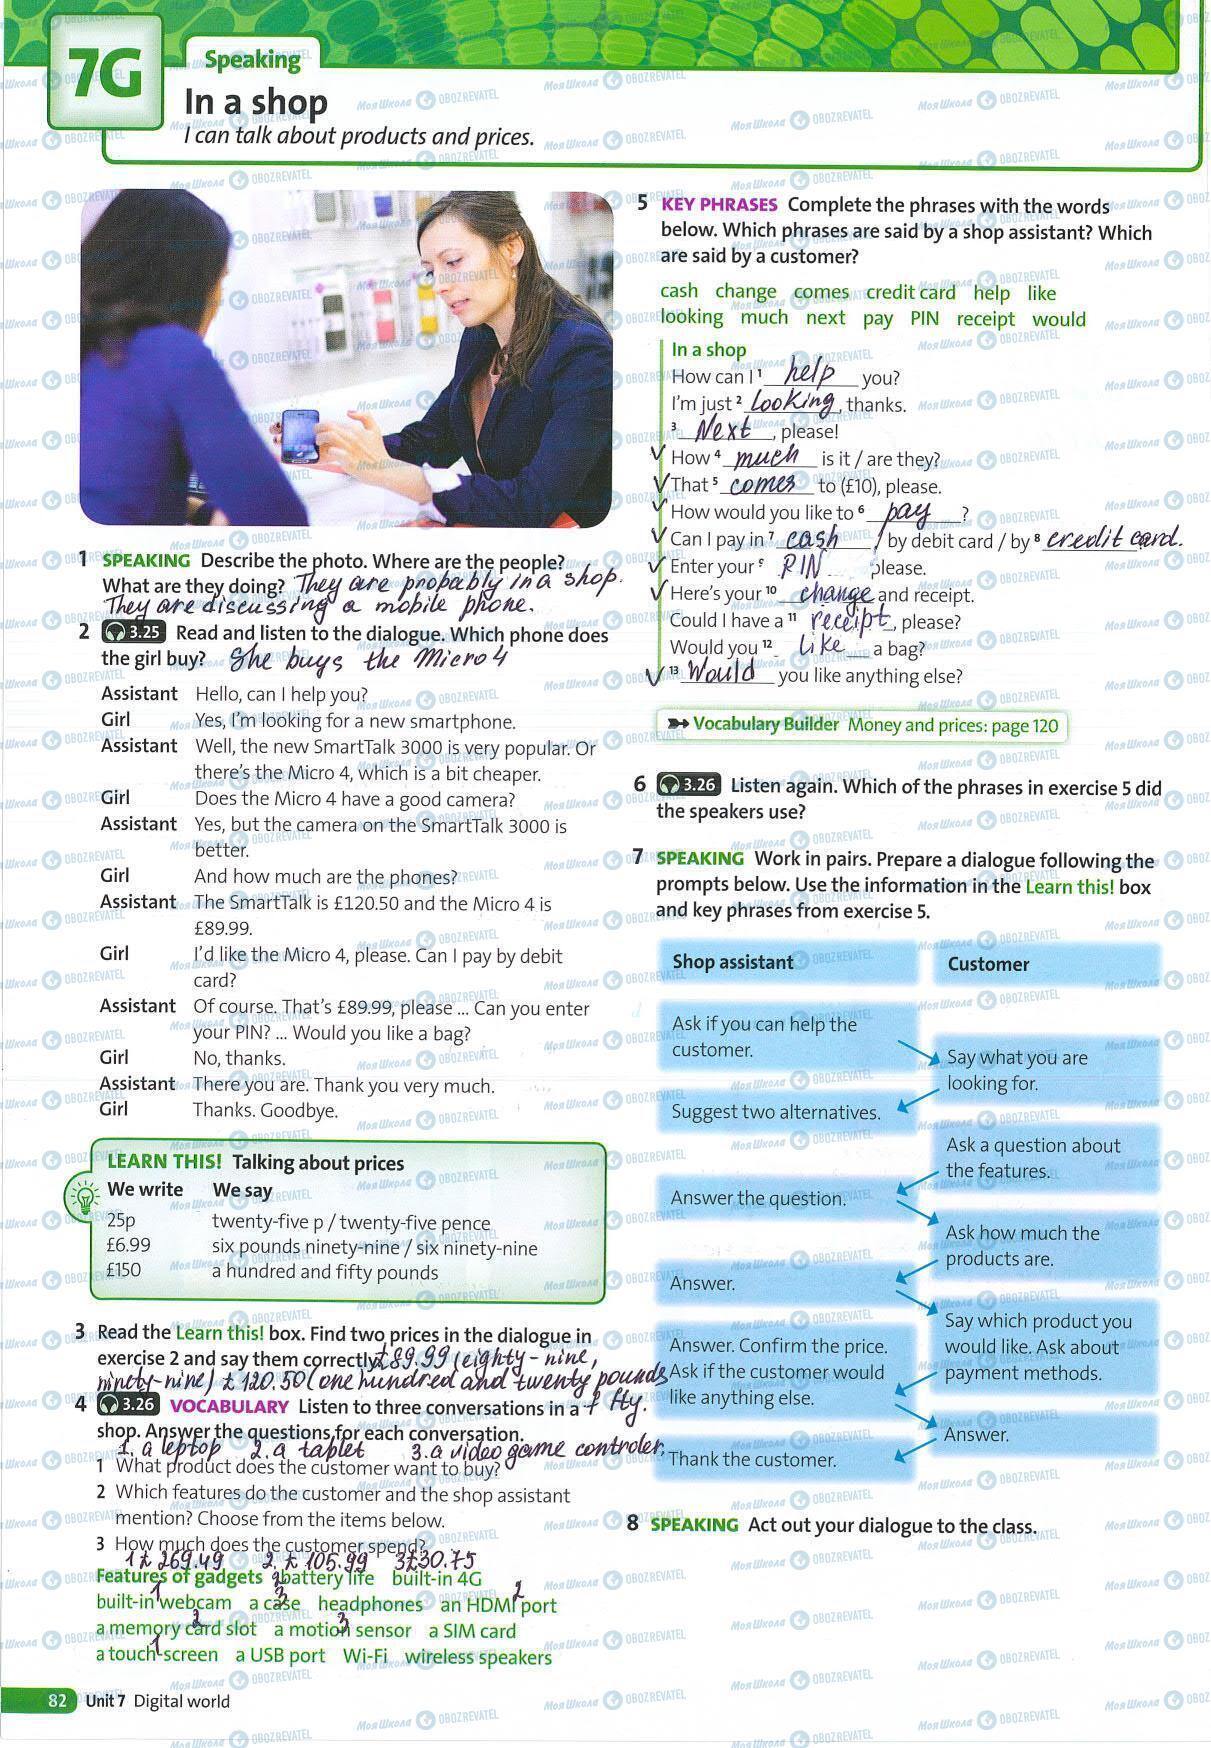 ГДЗ Англійська мова 5 клас сторінка 82